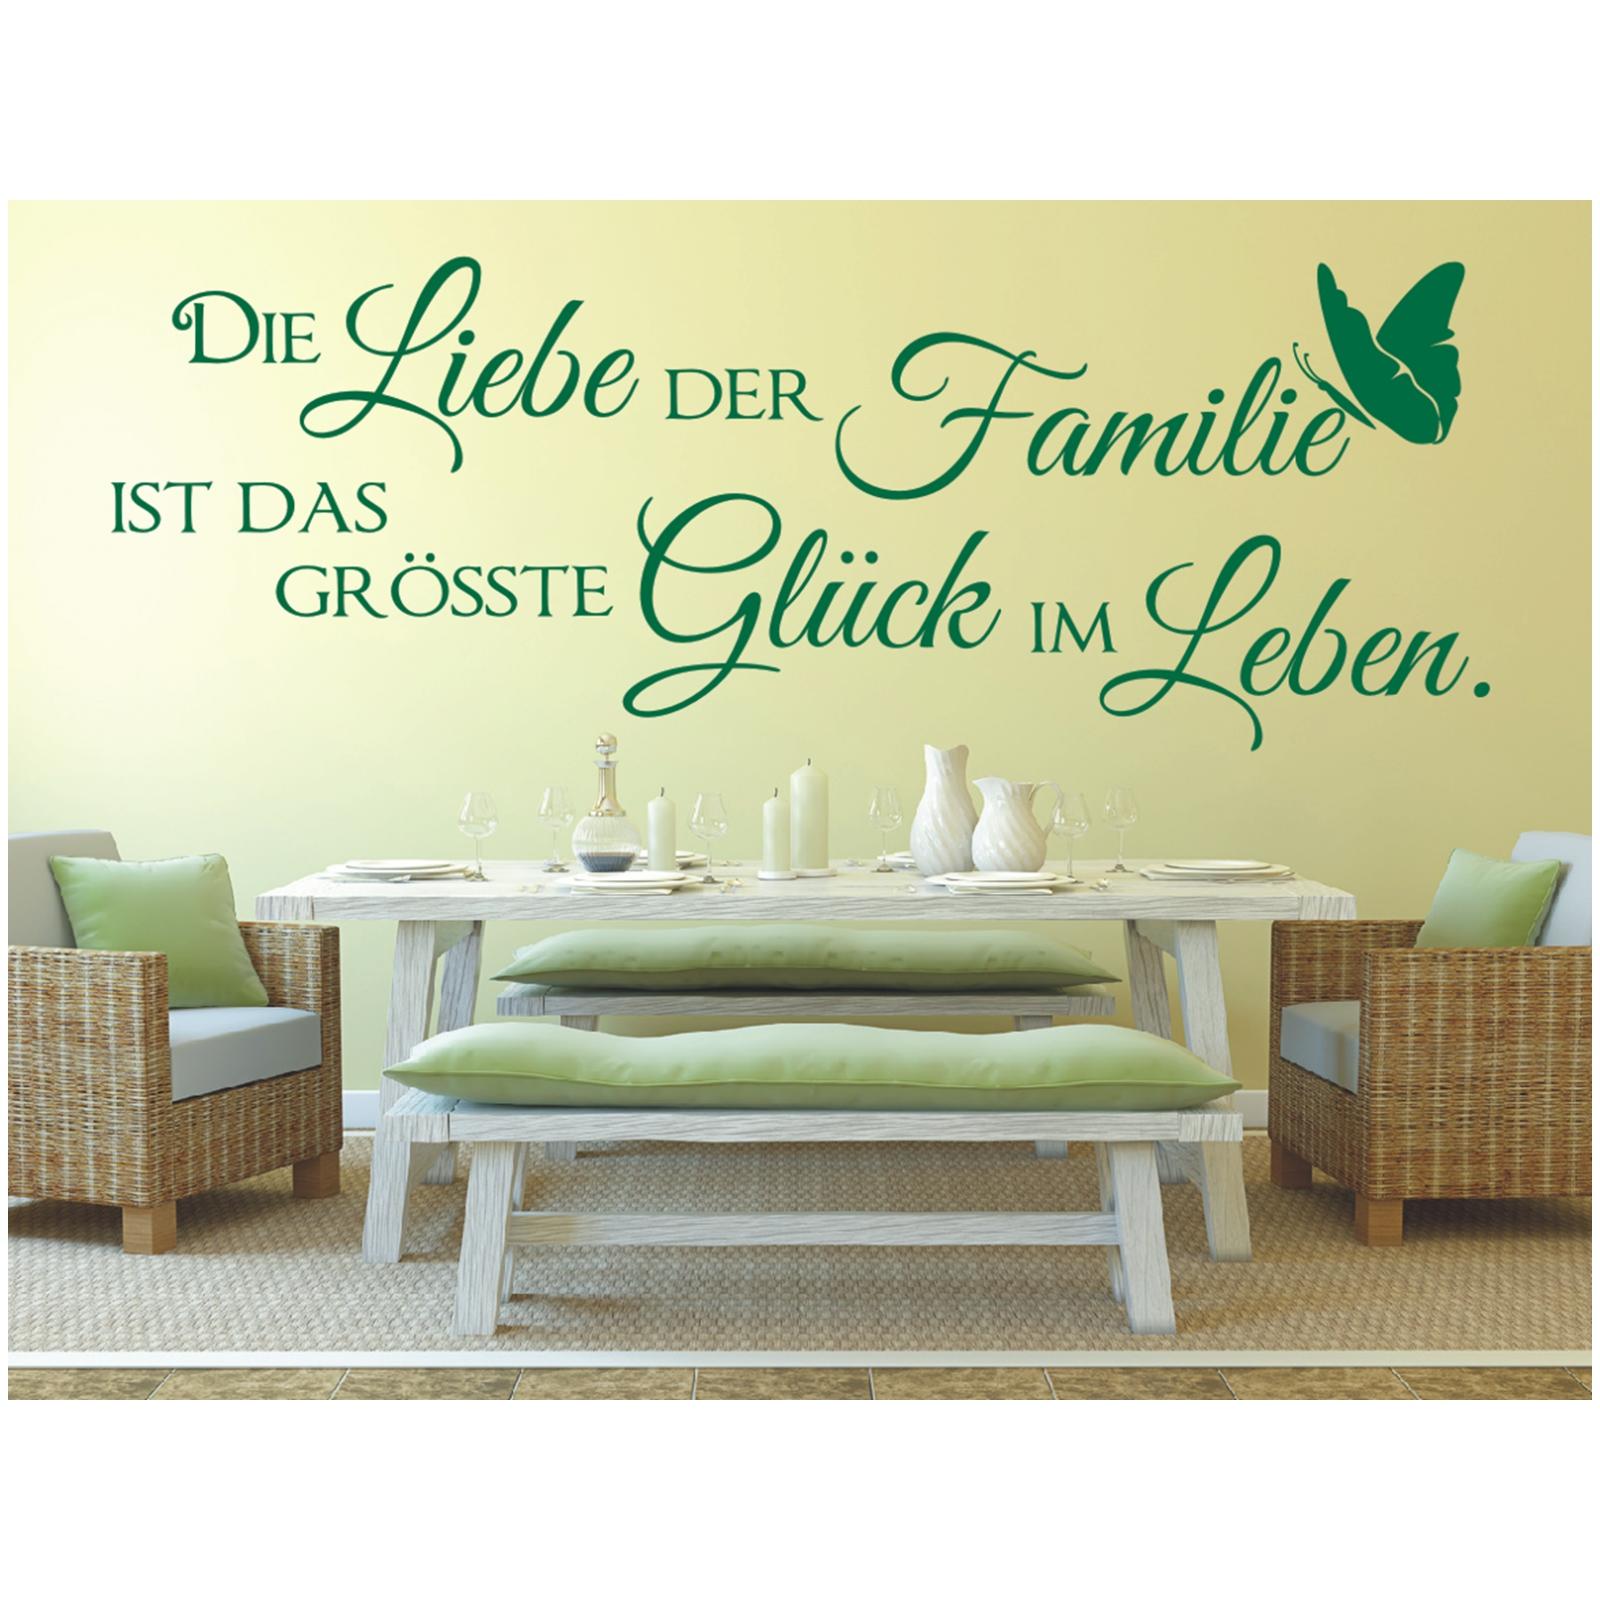 x374 wandtattoo spruch die liebe der familie gl ck leben sticker wandaufkleber ebay. Black Bedroom Furniture Sets. Home Design Ideas